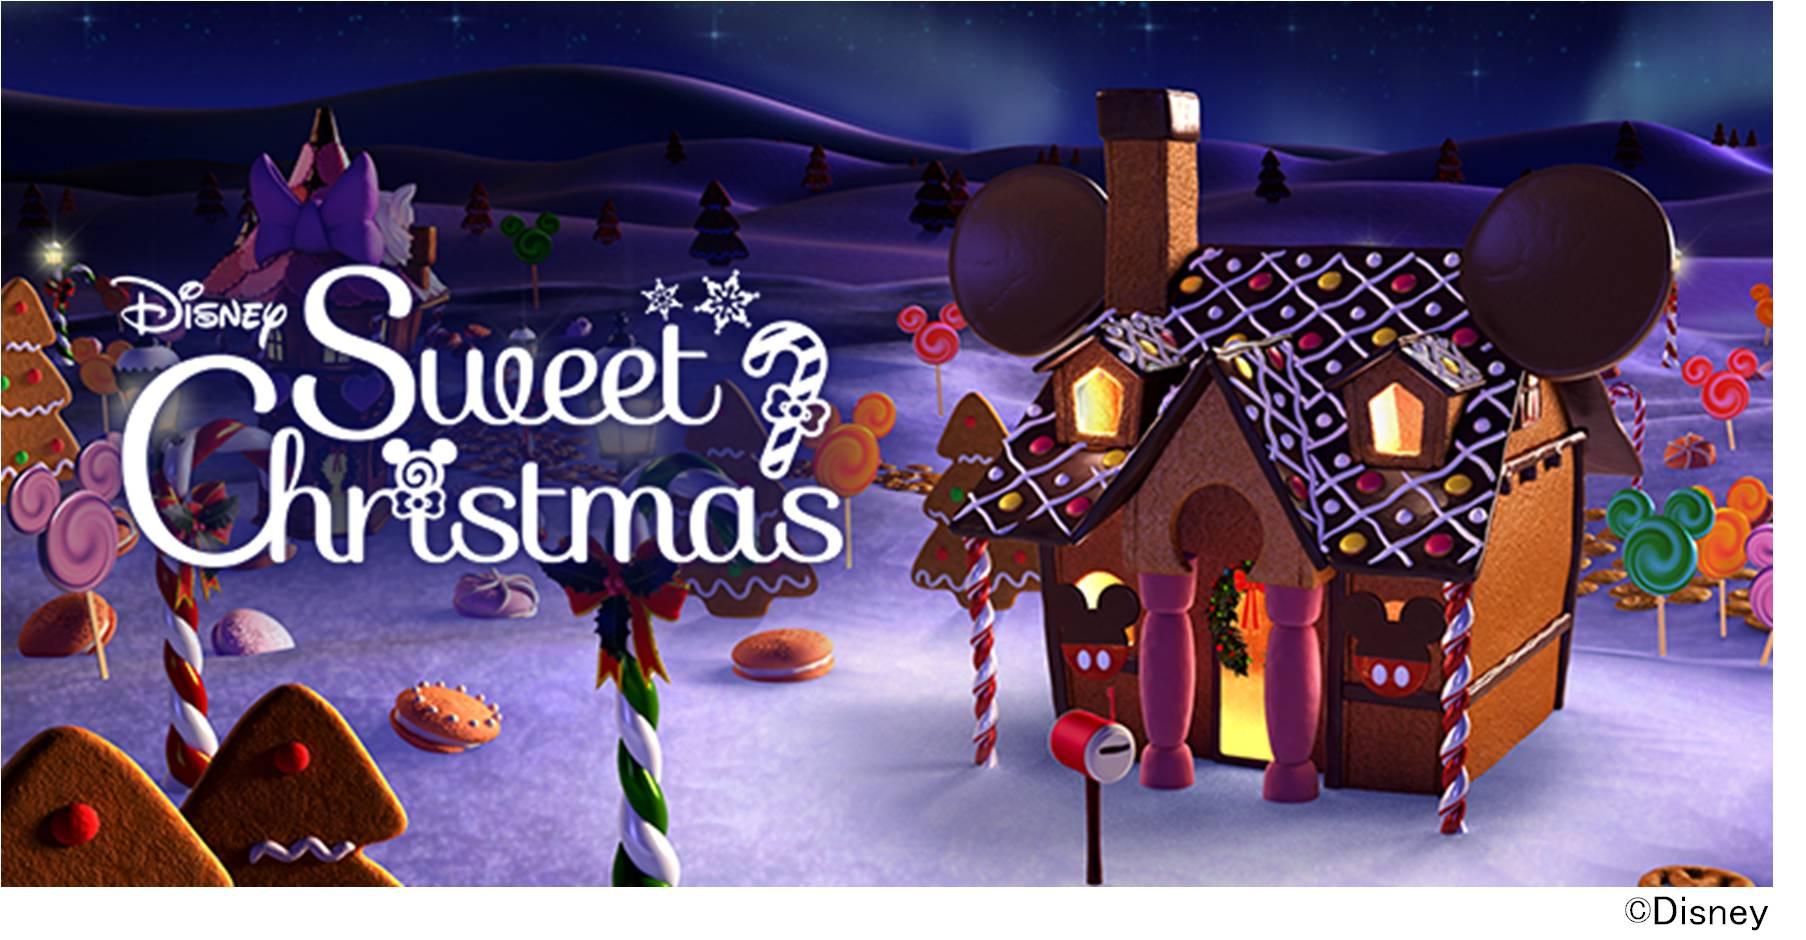 お菓子のお家デザインのクリスマスライブ壁紙が作れるイベント Disney Sweet Christmas をディズニーマーケット ディズニーパスで開催中 ウォルト ディズニー ジャパン株式会社のプレスリリース